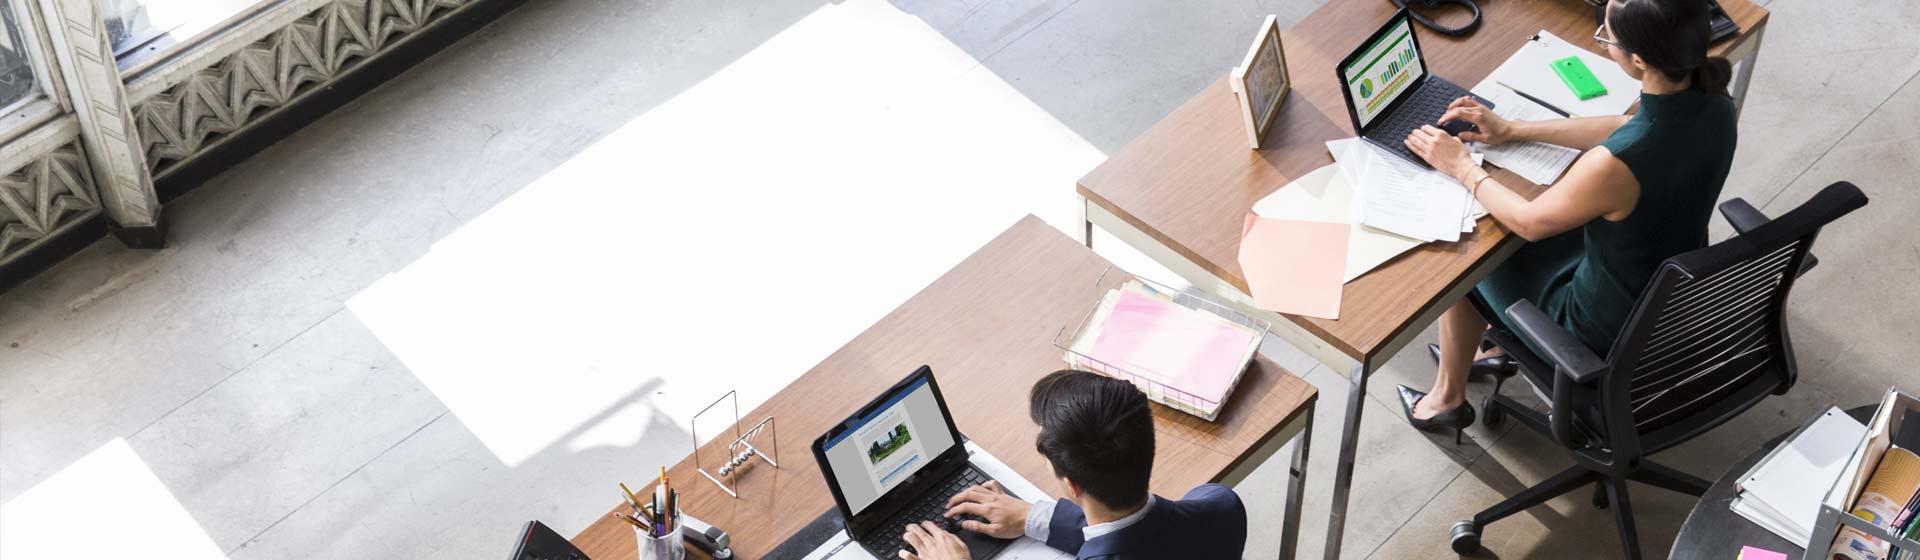 더 많은 가치 얻기 - 지금 Office 2013을 Office 365로 업그레이드